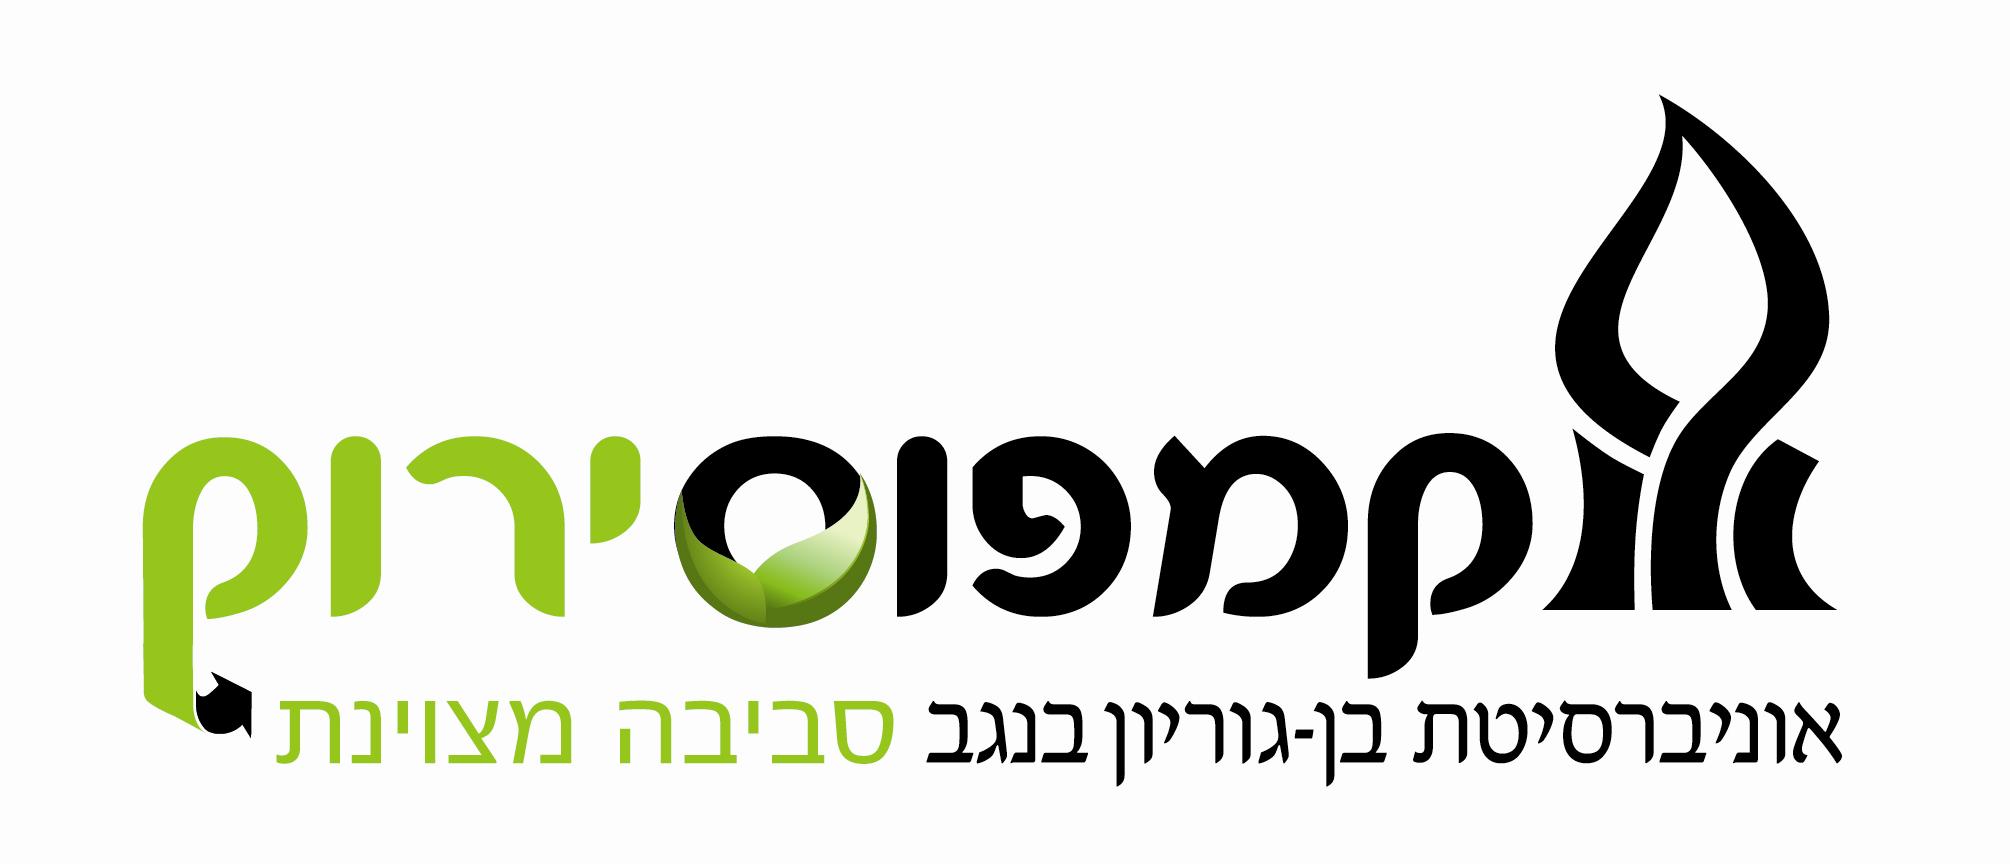 לוגו קמפוס ירוק חדש - ruth bar-or